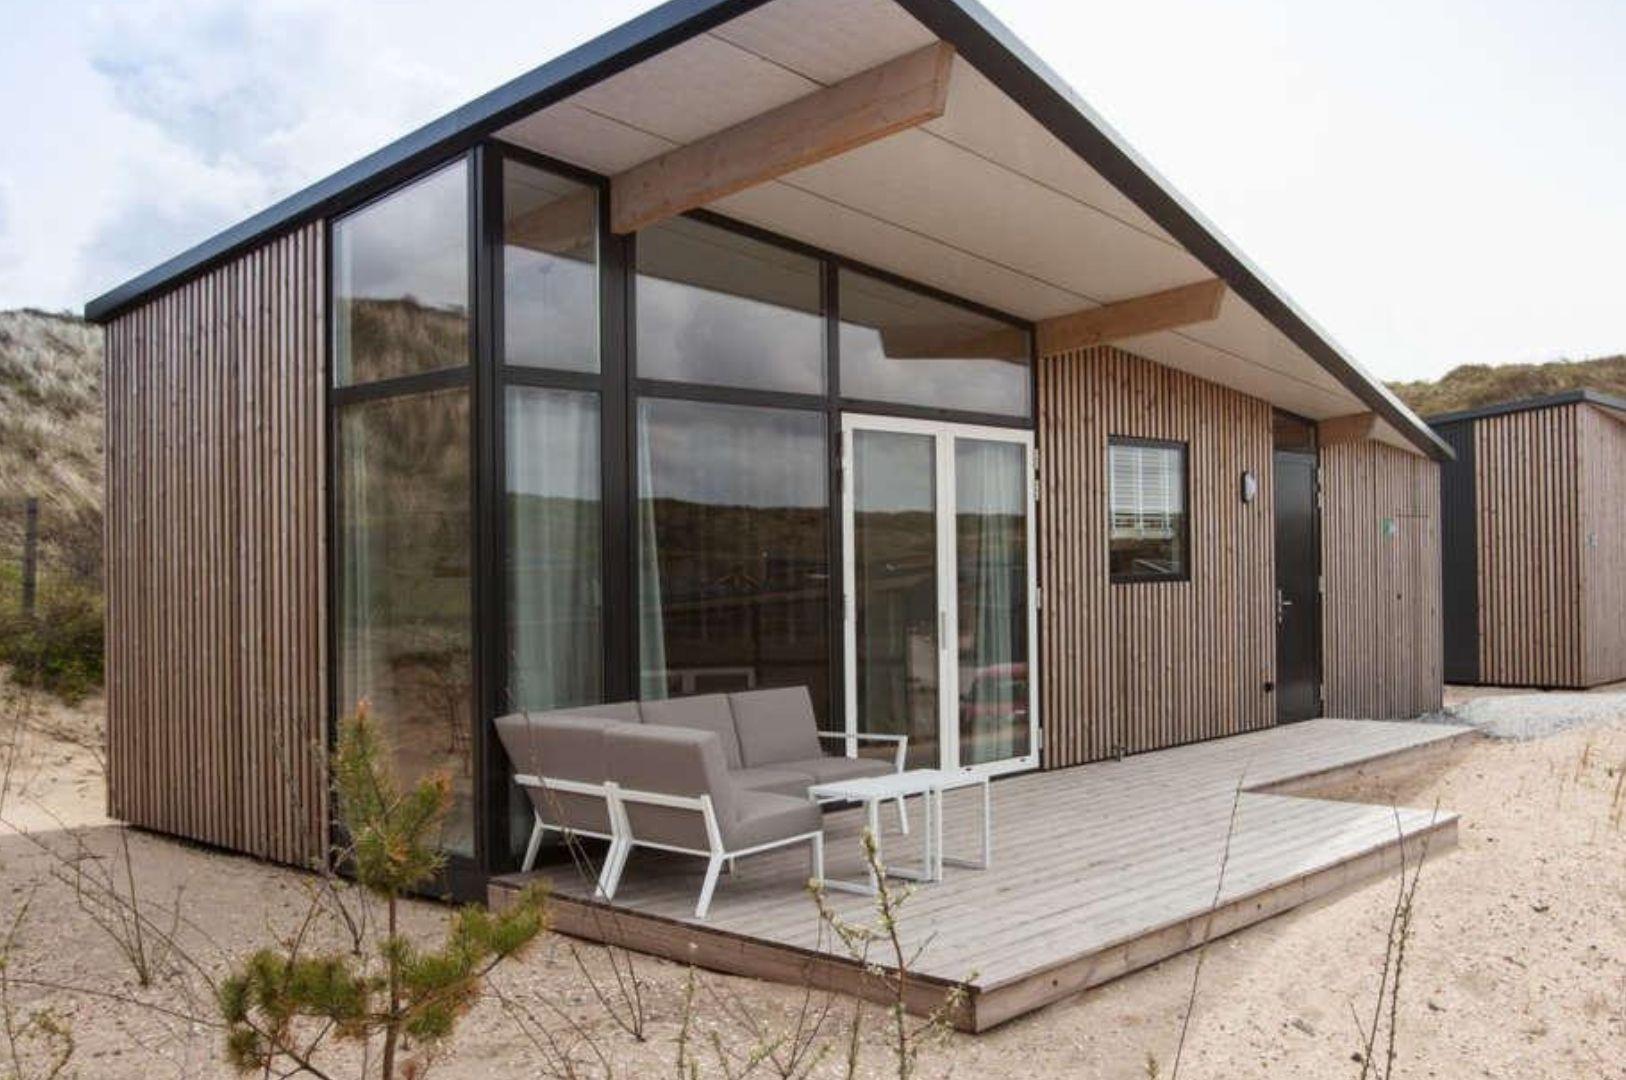 Villapparte-Qurios-Sea House Comfort-luxe lodge voor 4 personen-Bloemendaal aan zee